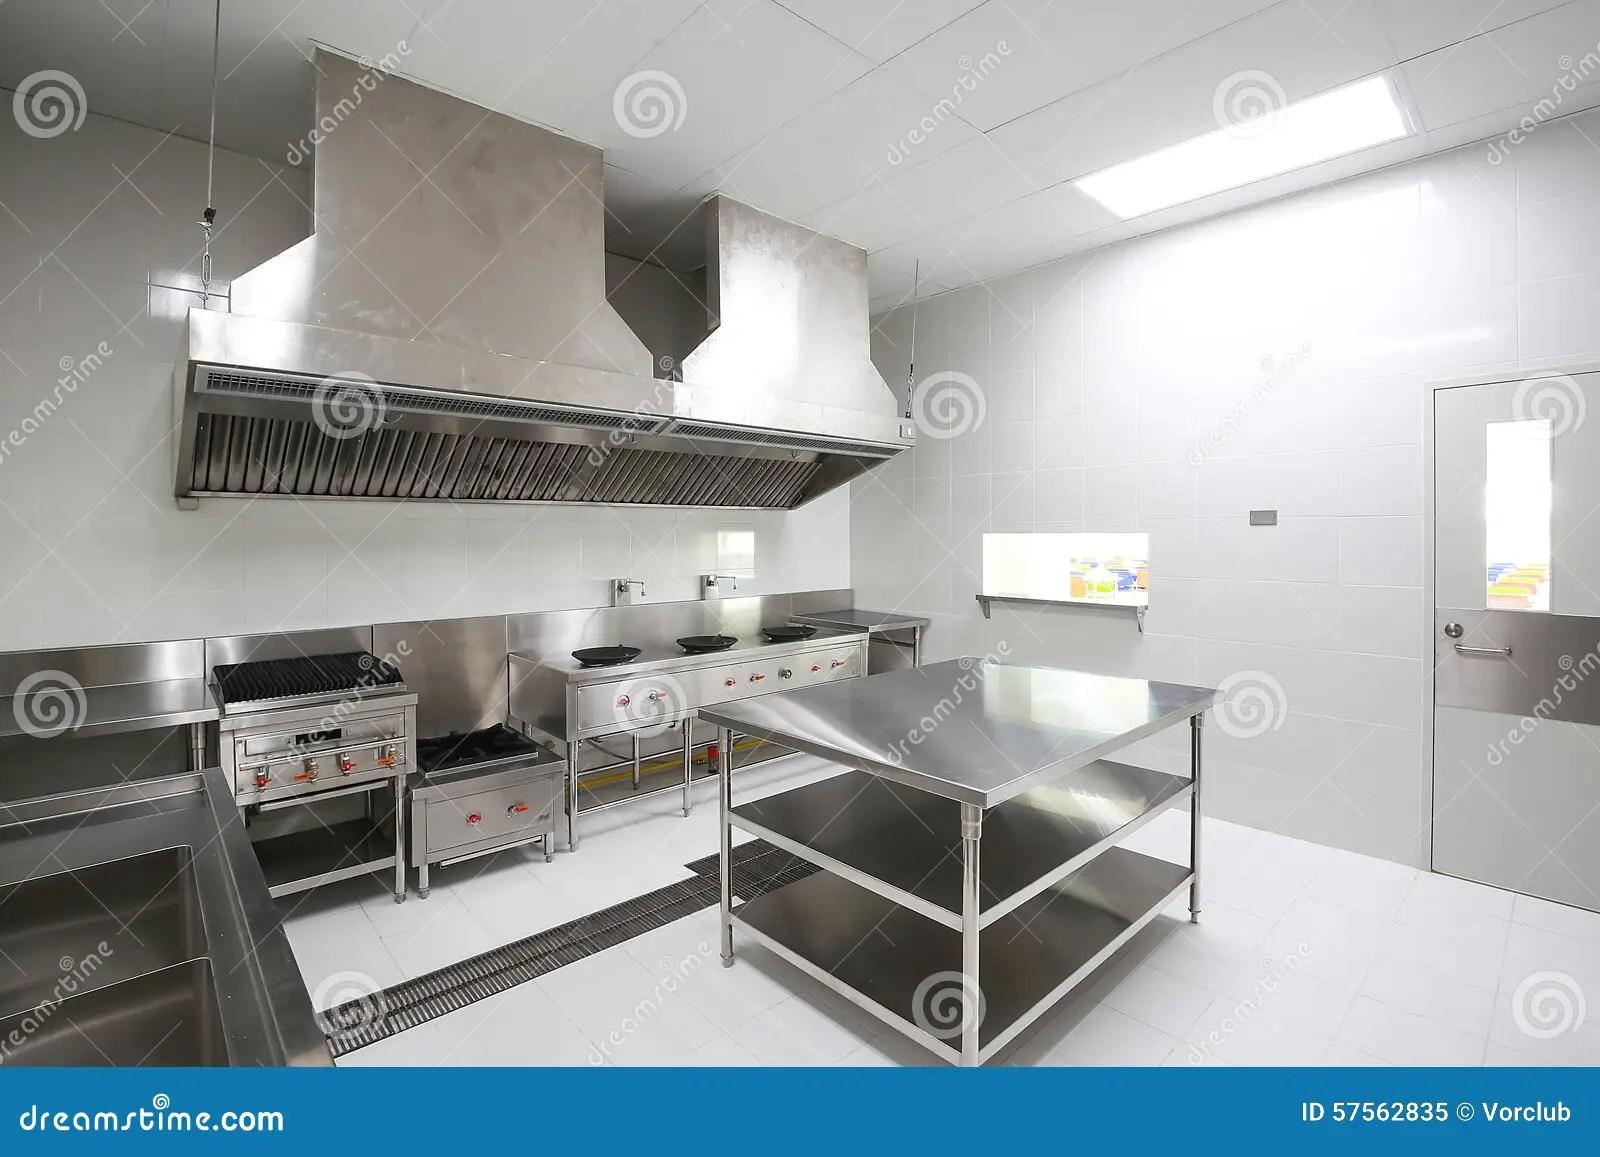 commercial kitchens kitchen table lights 商业厨房库存图片 图片包括有前景 商业 对象 油煎 容器 范围 准备 商业厨房